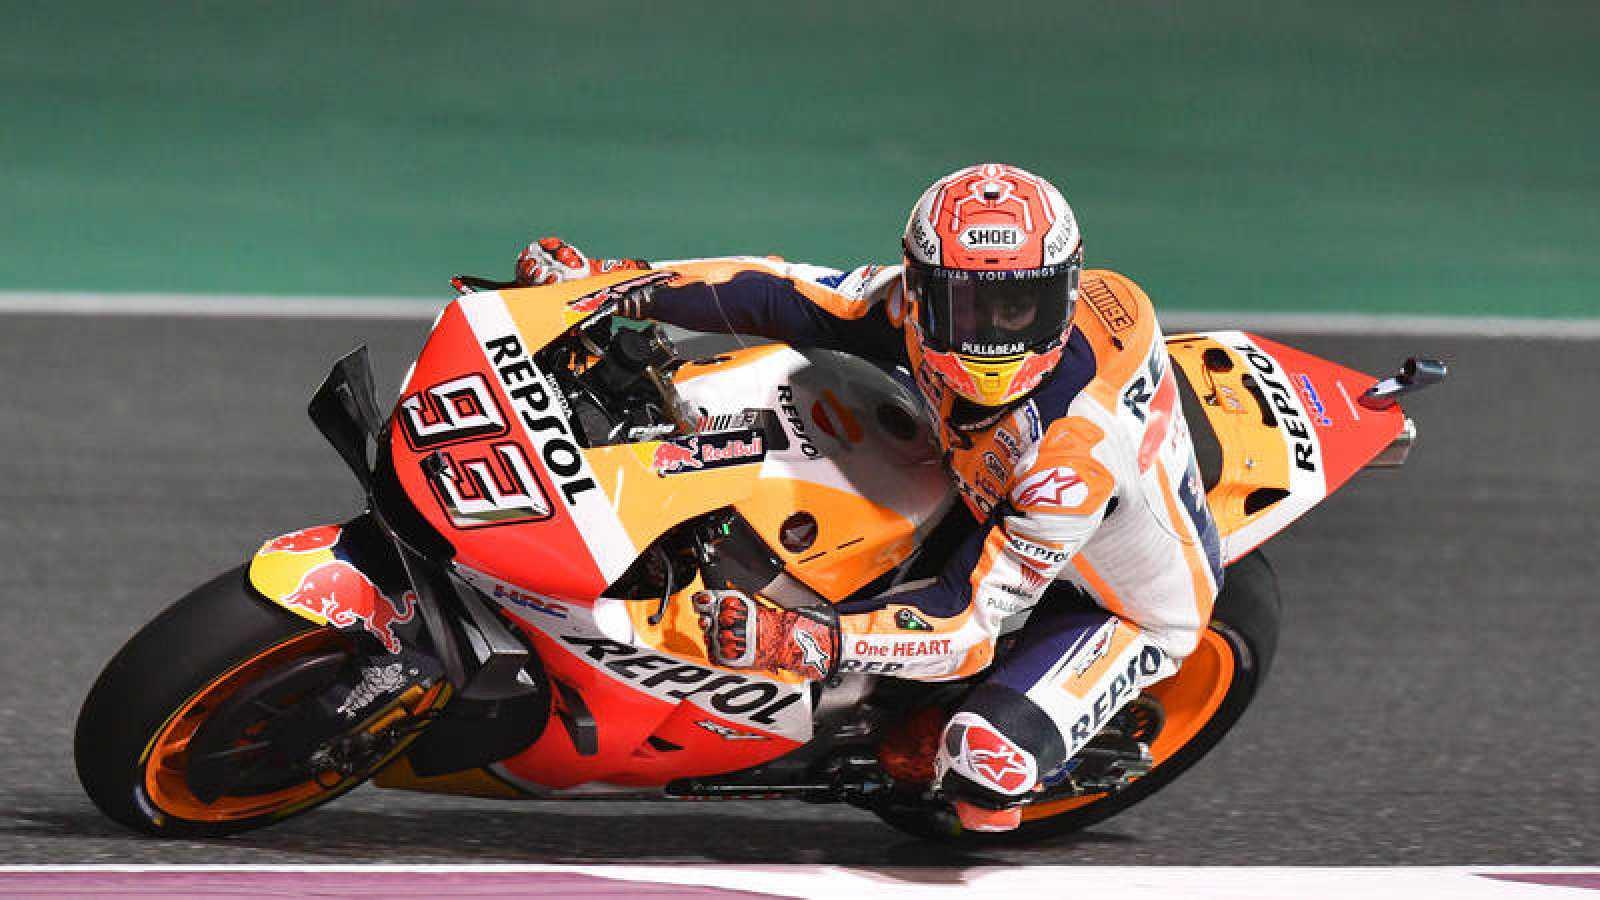 Gran Premio de Motociclismo de Catar